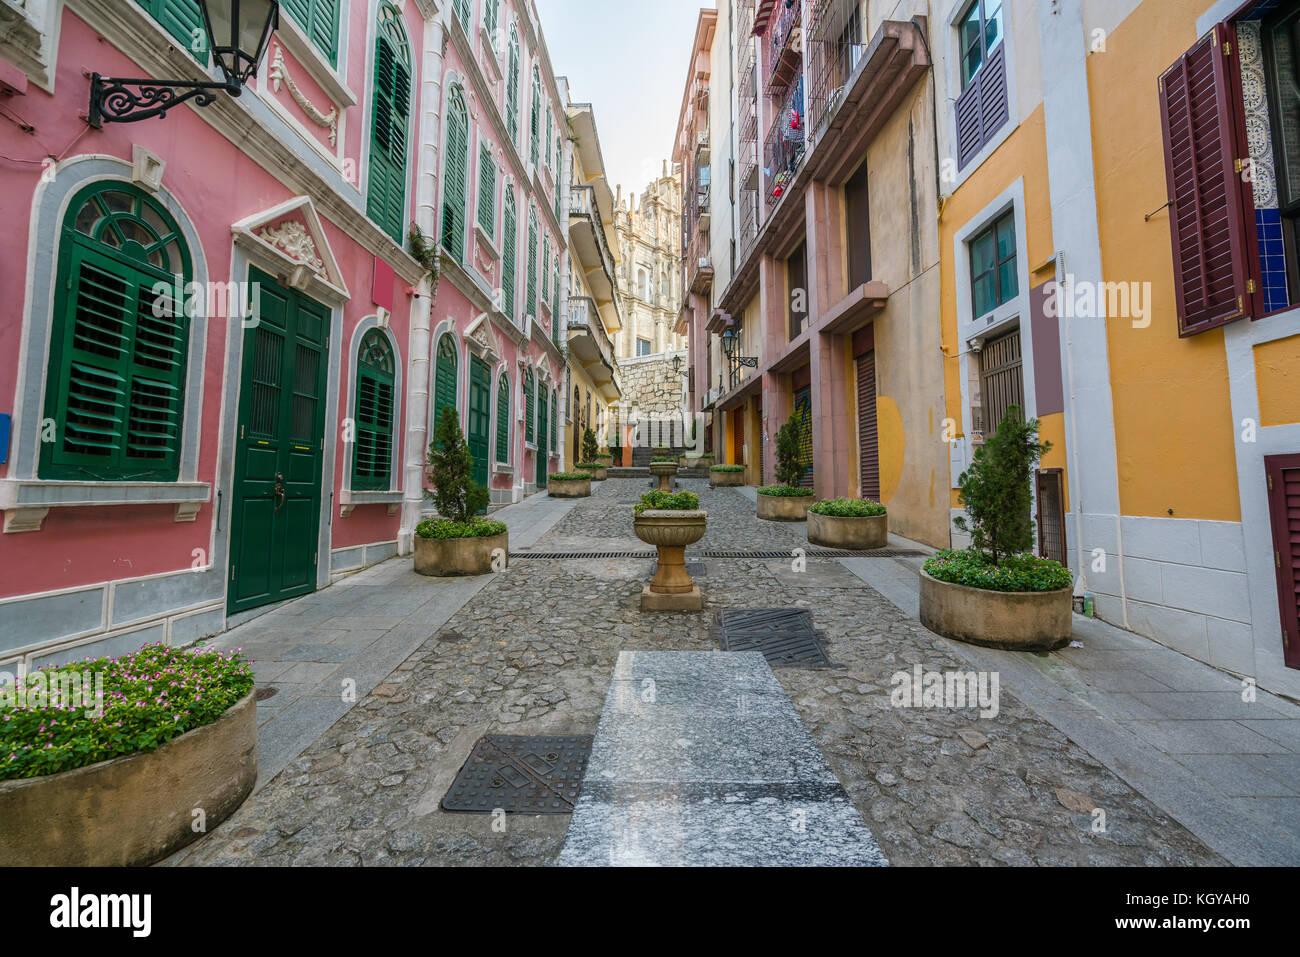 La rue pittoresque de la vieille ville de Macao (Macao) près de ruines de St Paul's à Macao (Macao) Photo Stock